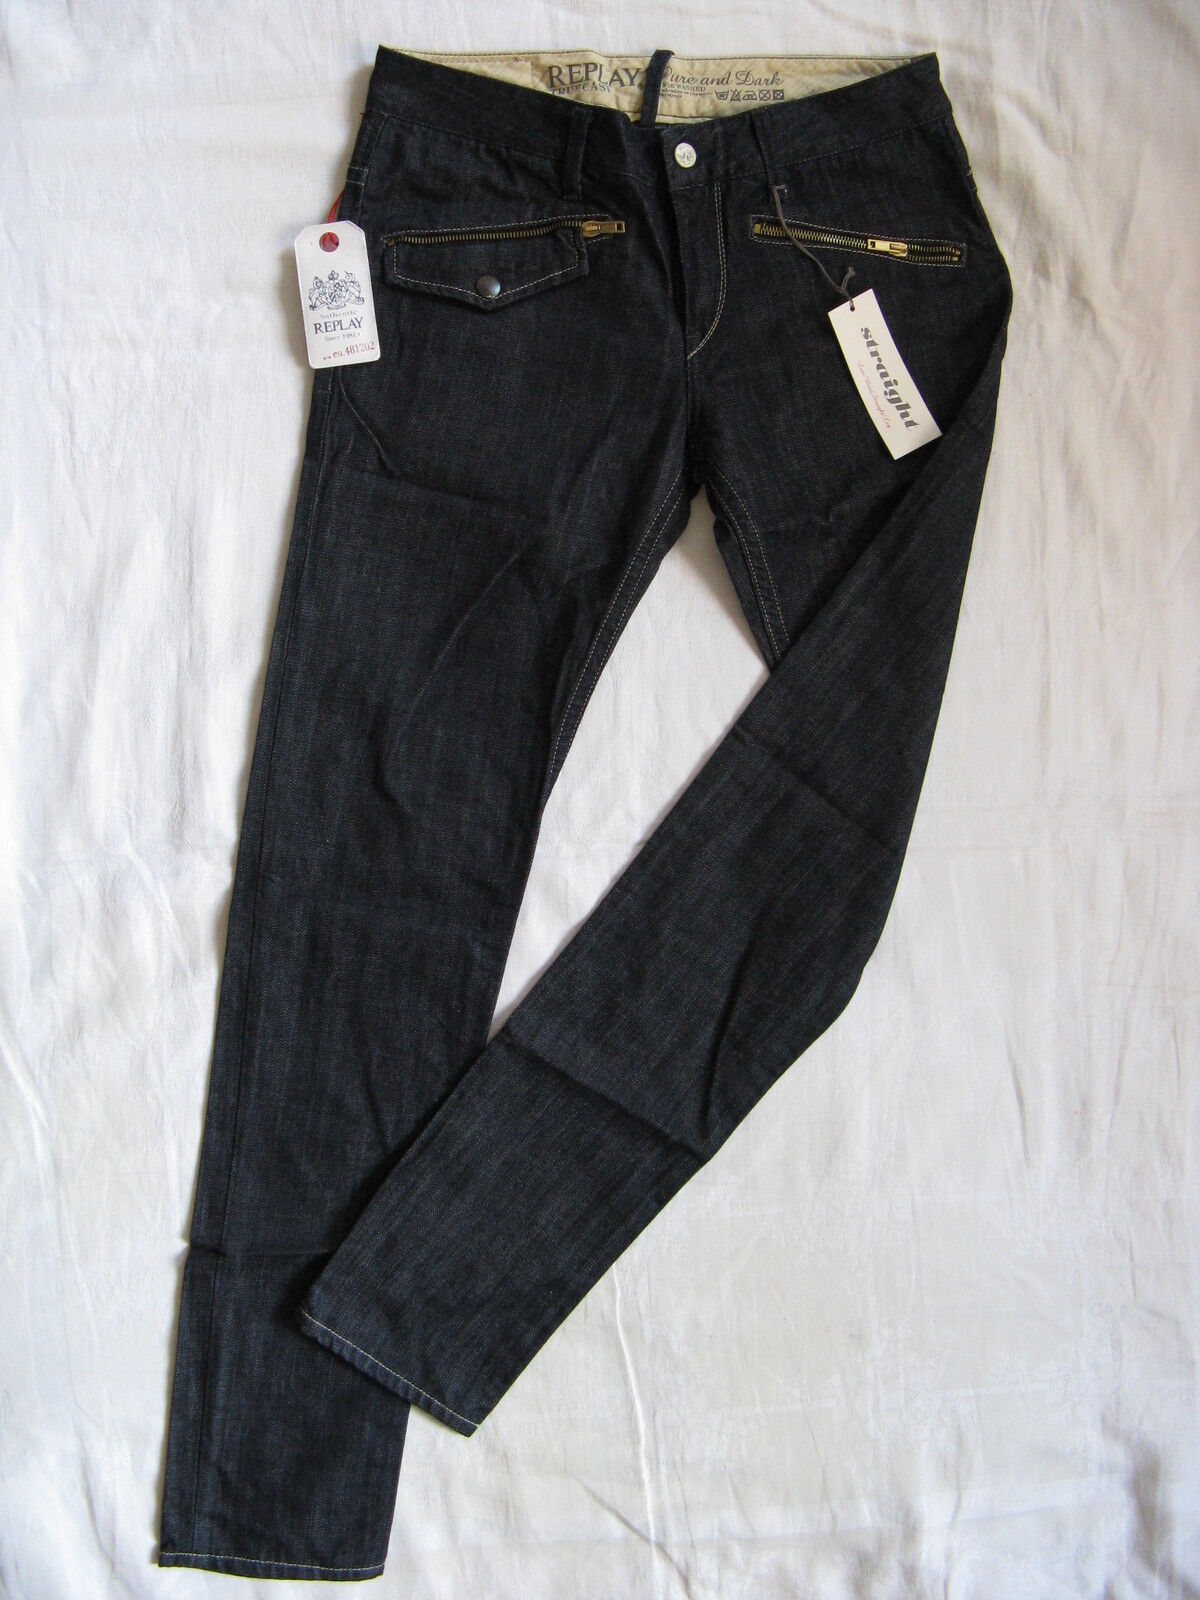 Replay Damen Blau Jeans Denim W29 L32 low waist regular fit straight leg rinsed